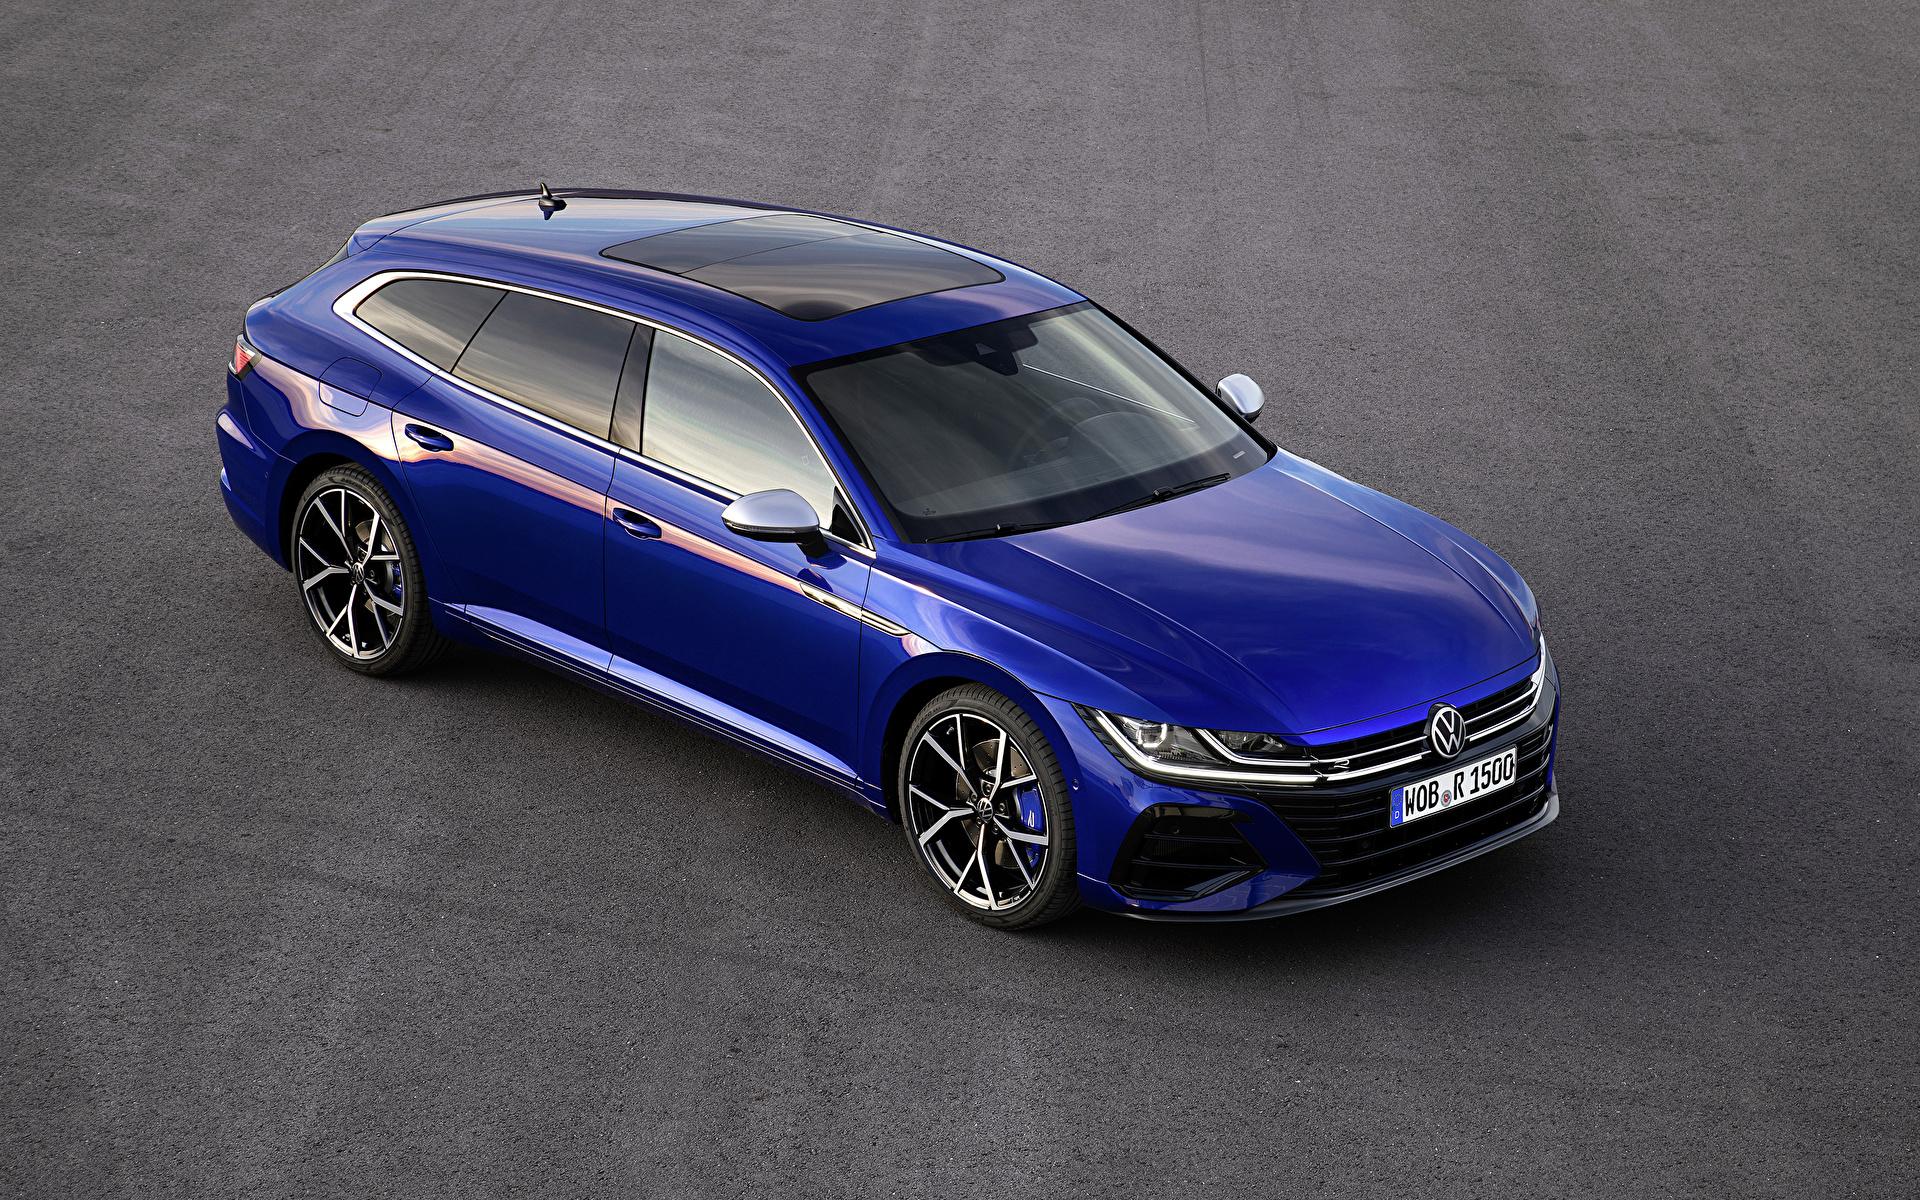 Foto Volkswagen 2020 Arteon Shooting Brake R Worldwide Blau Autos Metallisch 1920x1200 auto automobil